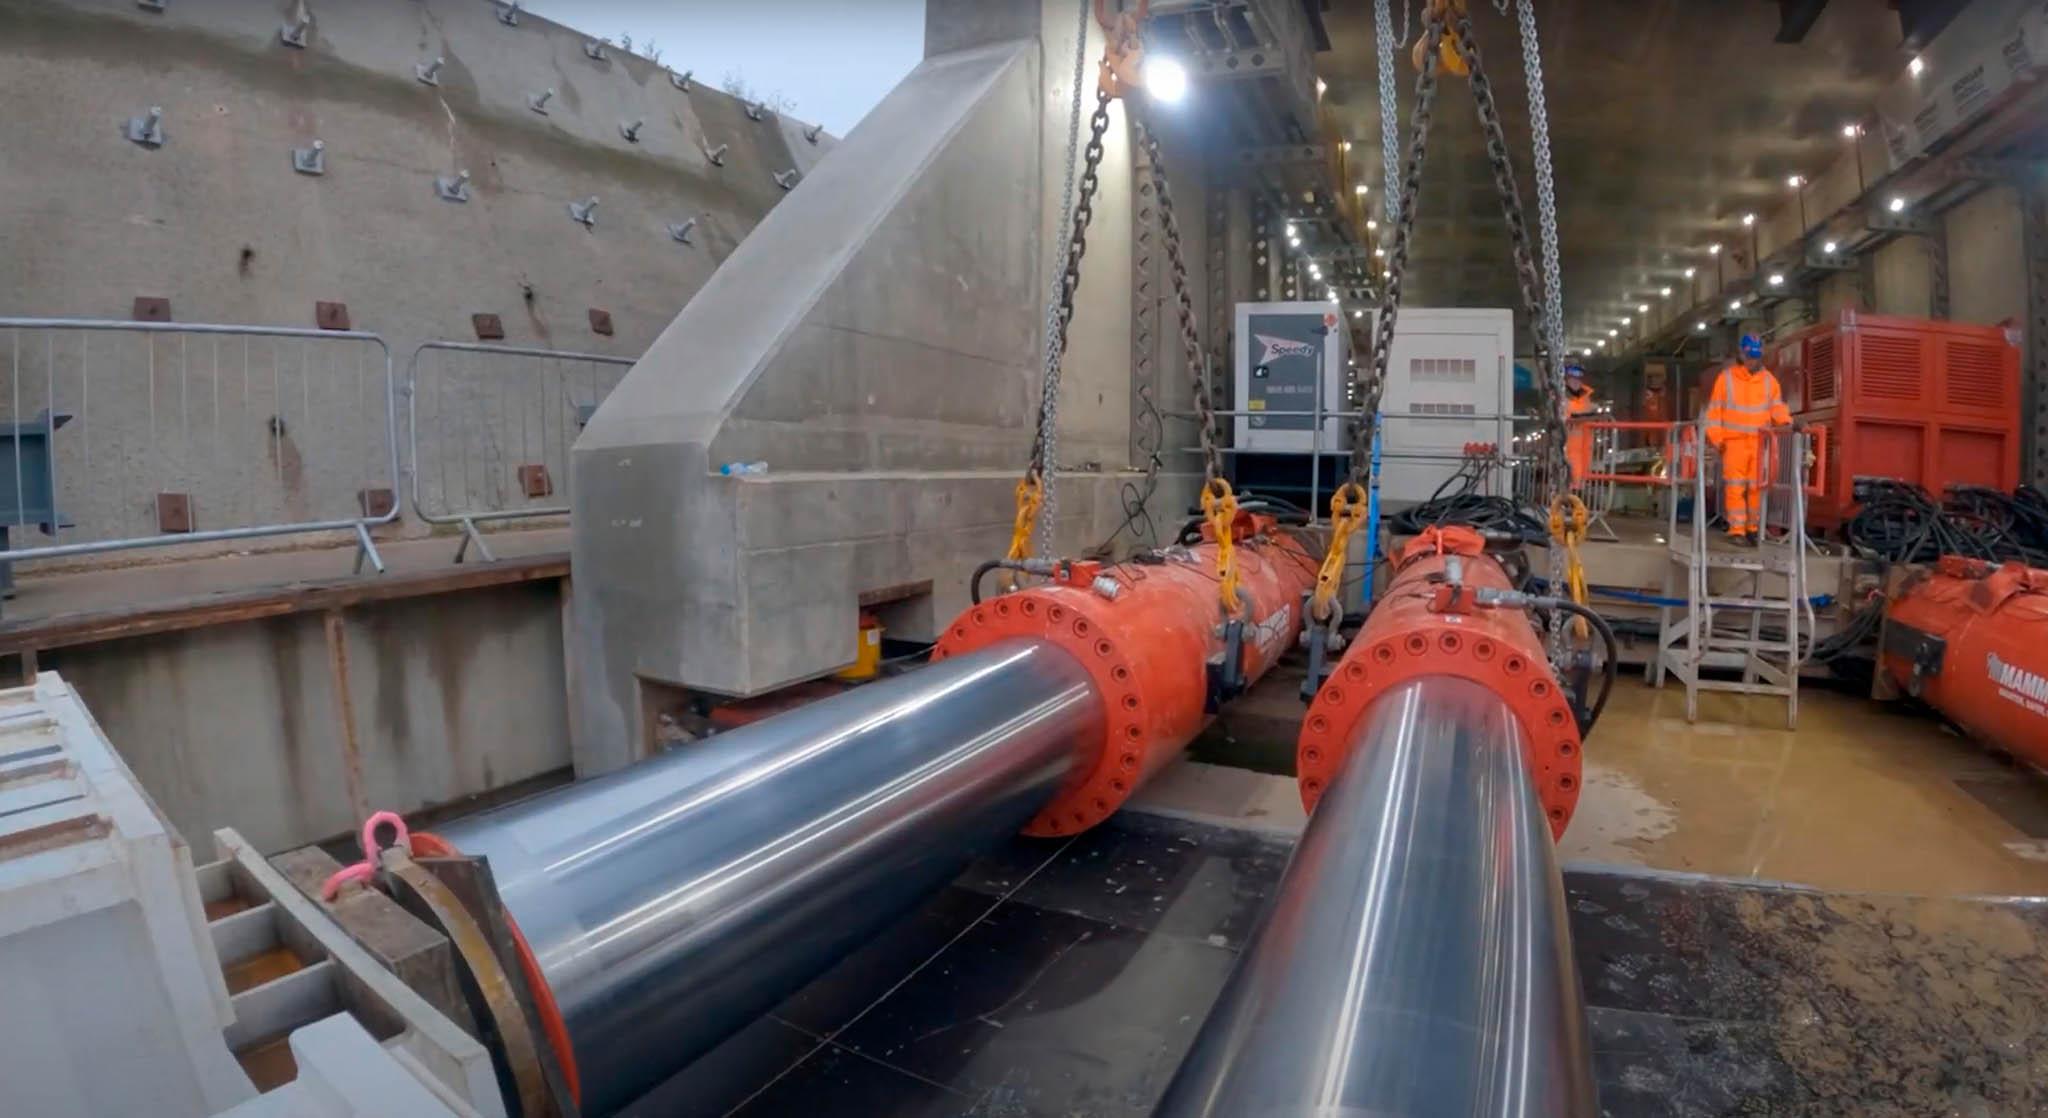 Stavbu popostrkovaly asi osm metrů dlouhé zvedáky: uložené naležato jejich písty tlačily nahranu tubusu atímto způsobem tunel posouvaly rychlostí 1,5 metru zahodinu.